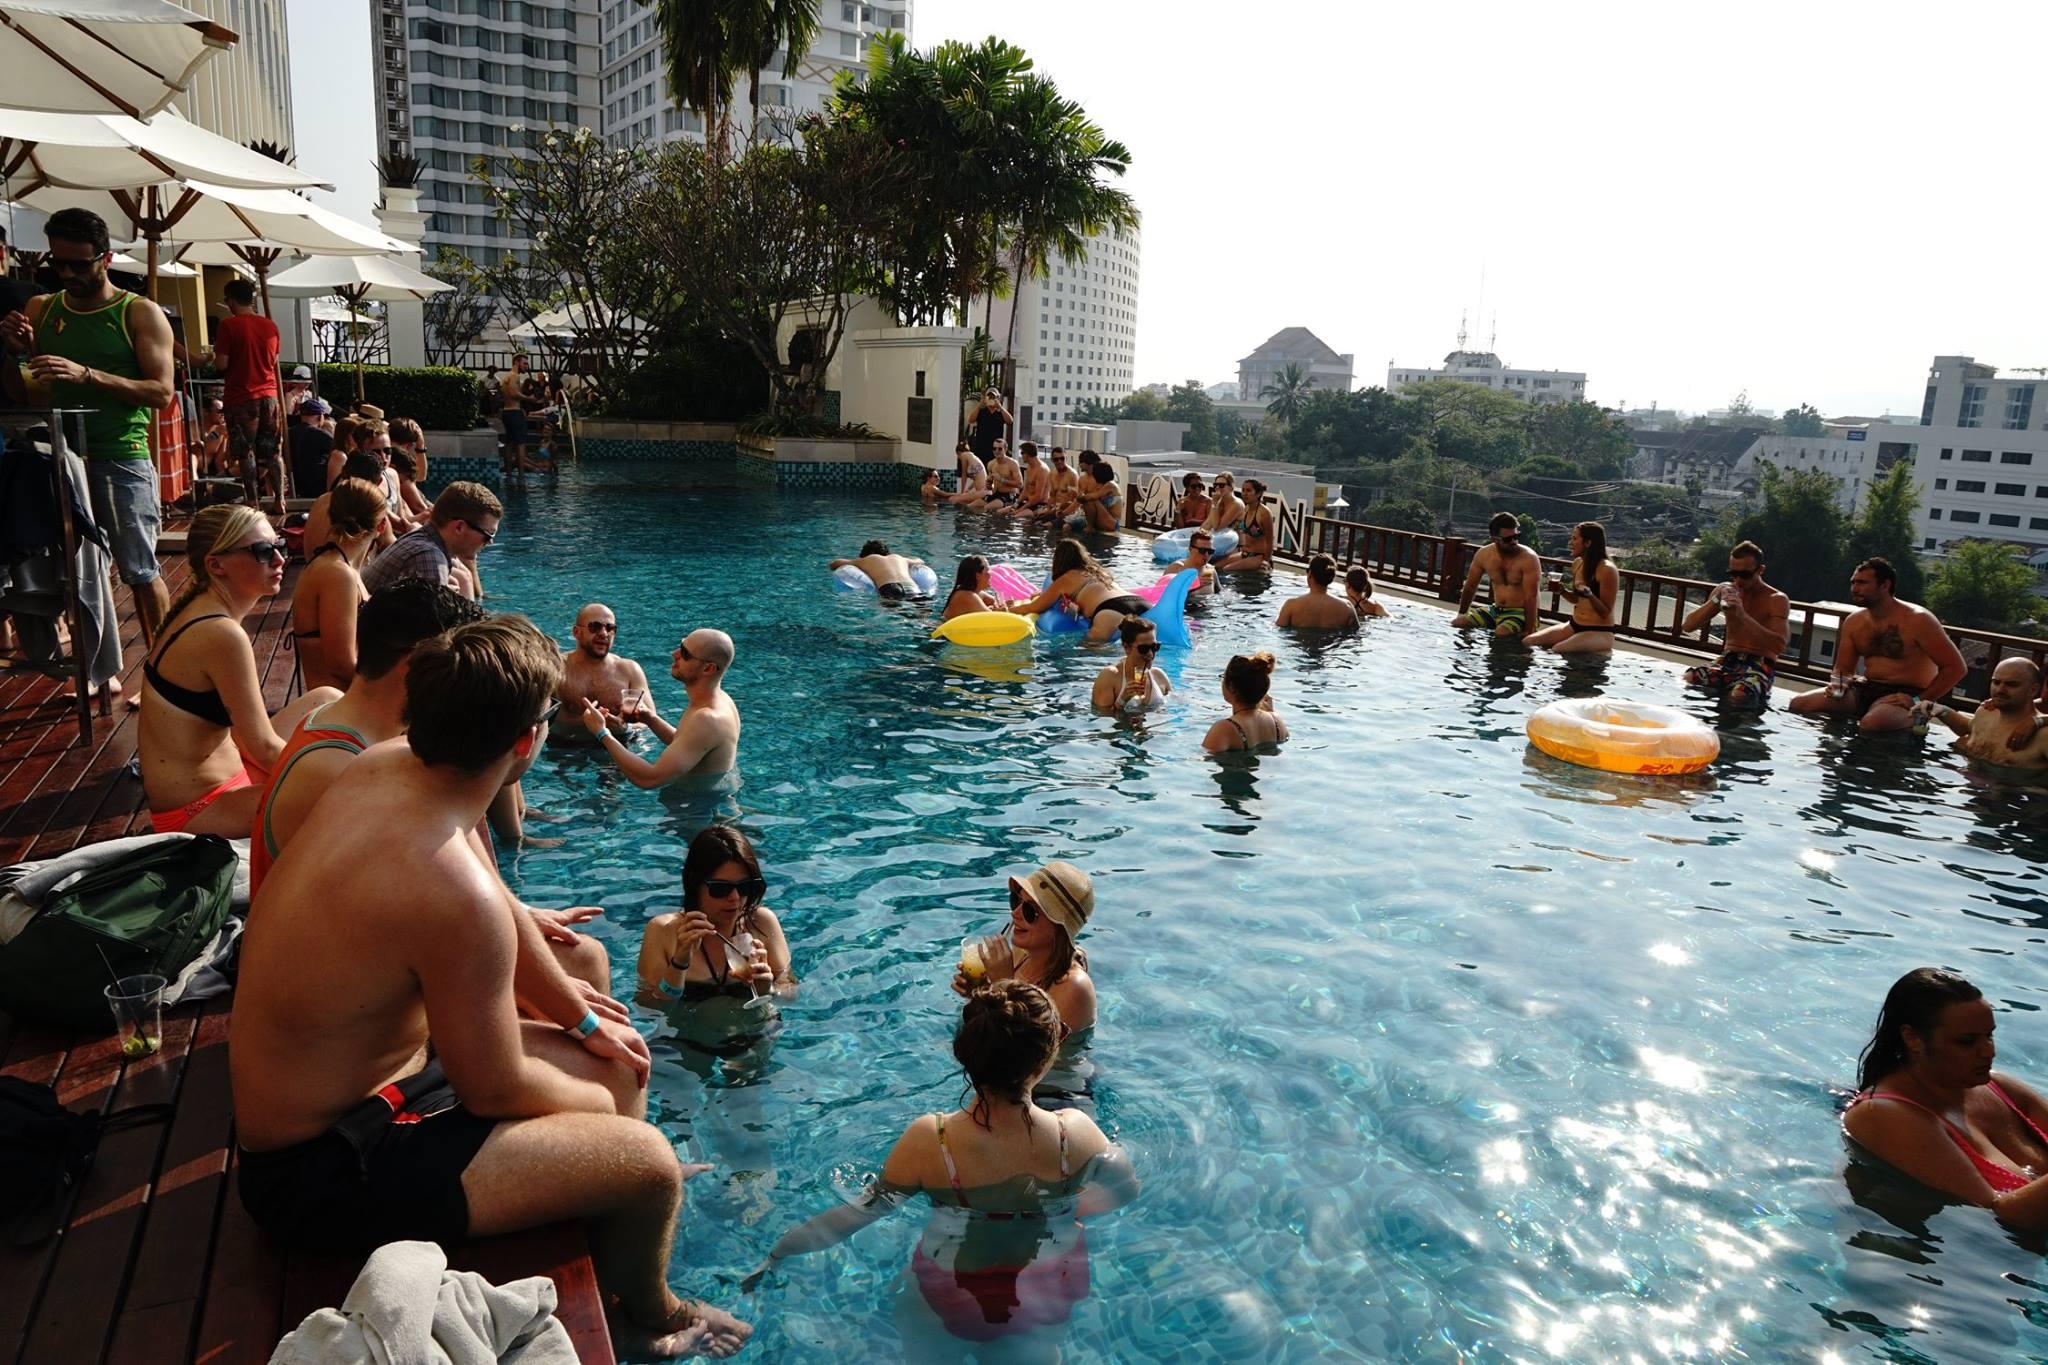 ¿Cómo conocer gente en Chiang Mai?